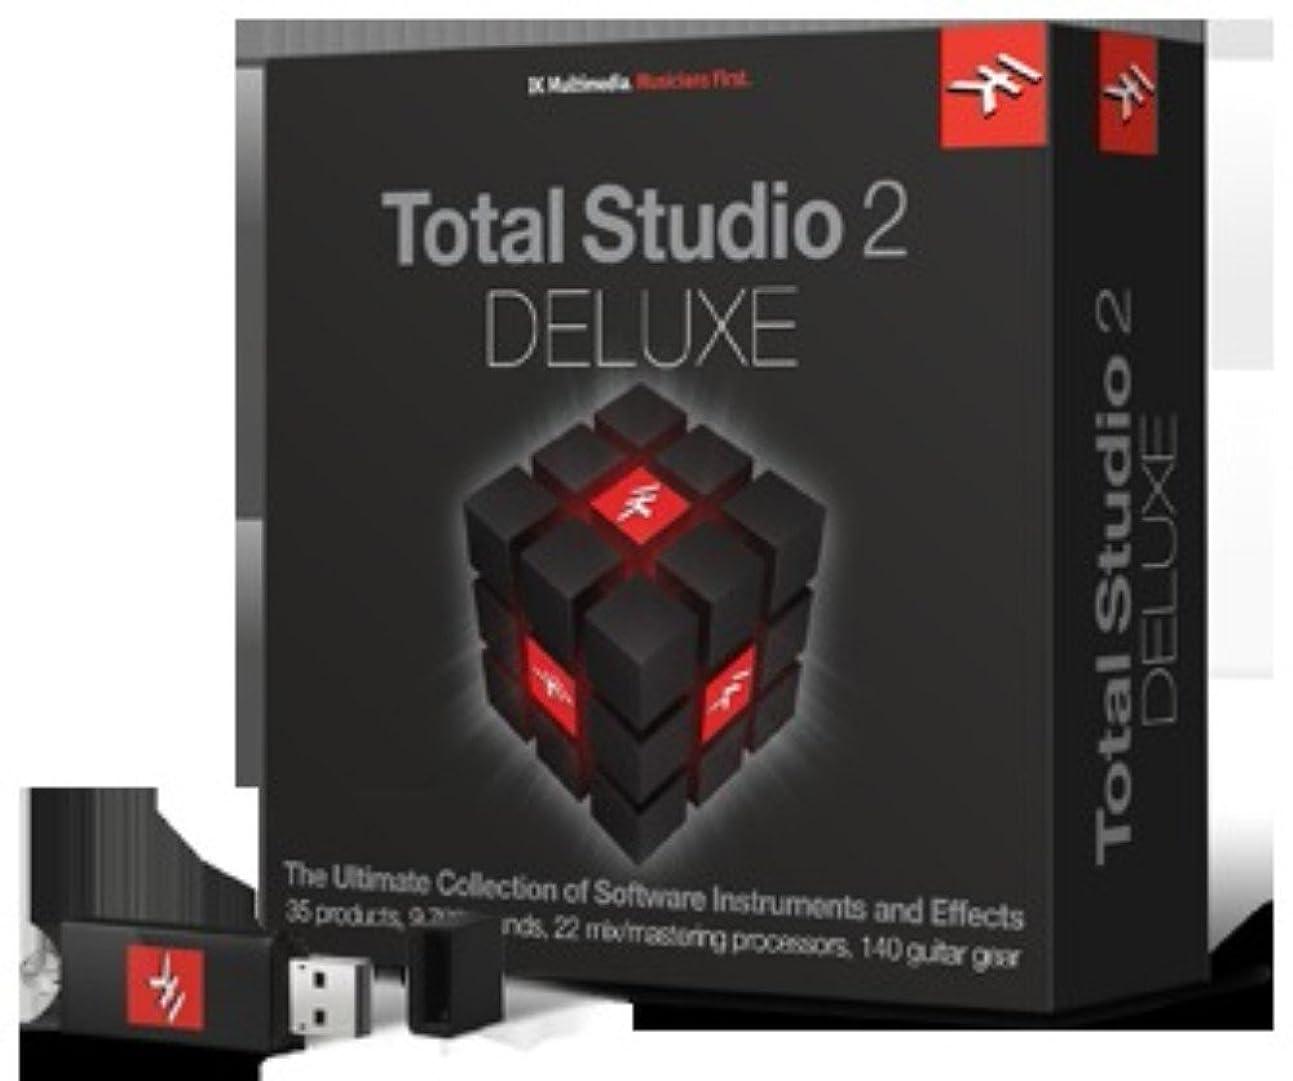 浅い間違っている抗議IK Multimedia Total Studio 2 Deluxe クロスグレード初回限定版 ソフトウェア音源 & エフェクト?バンドル【国内正規品】